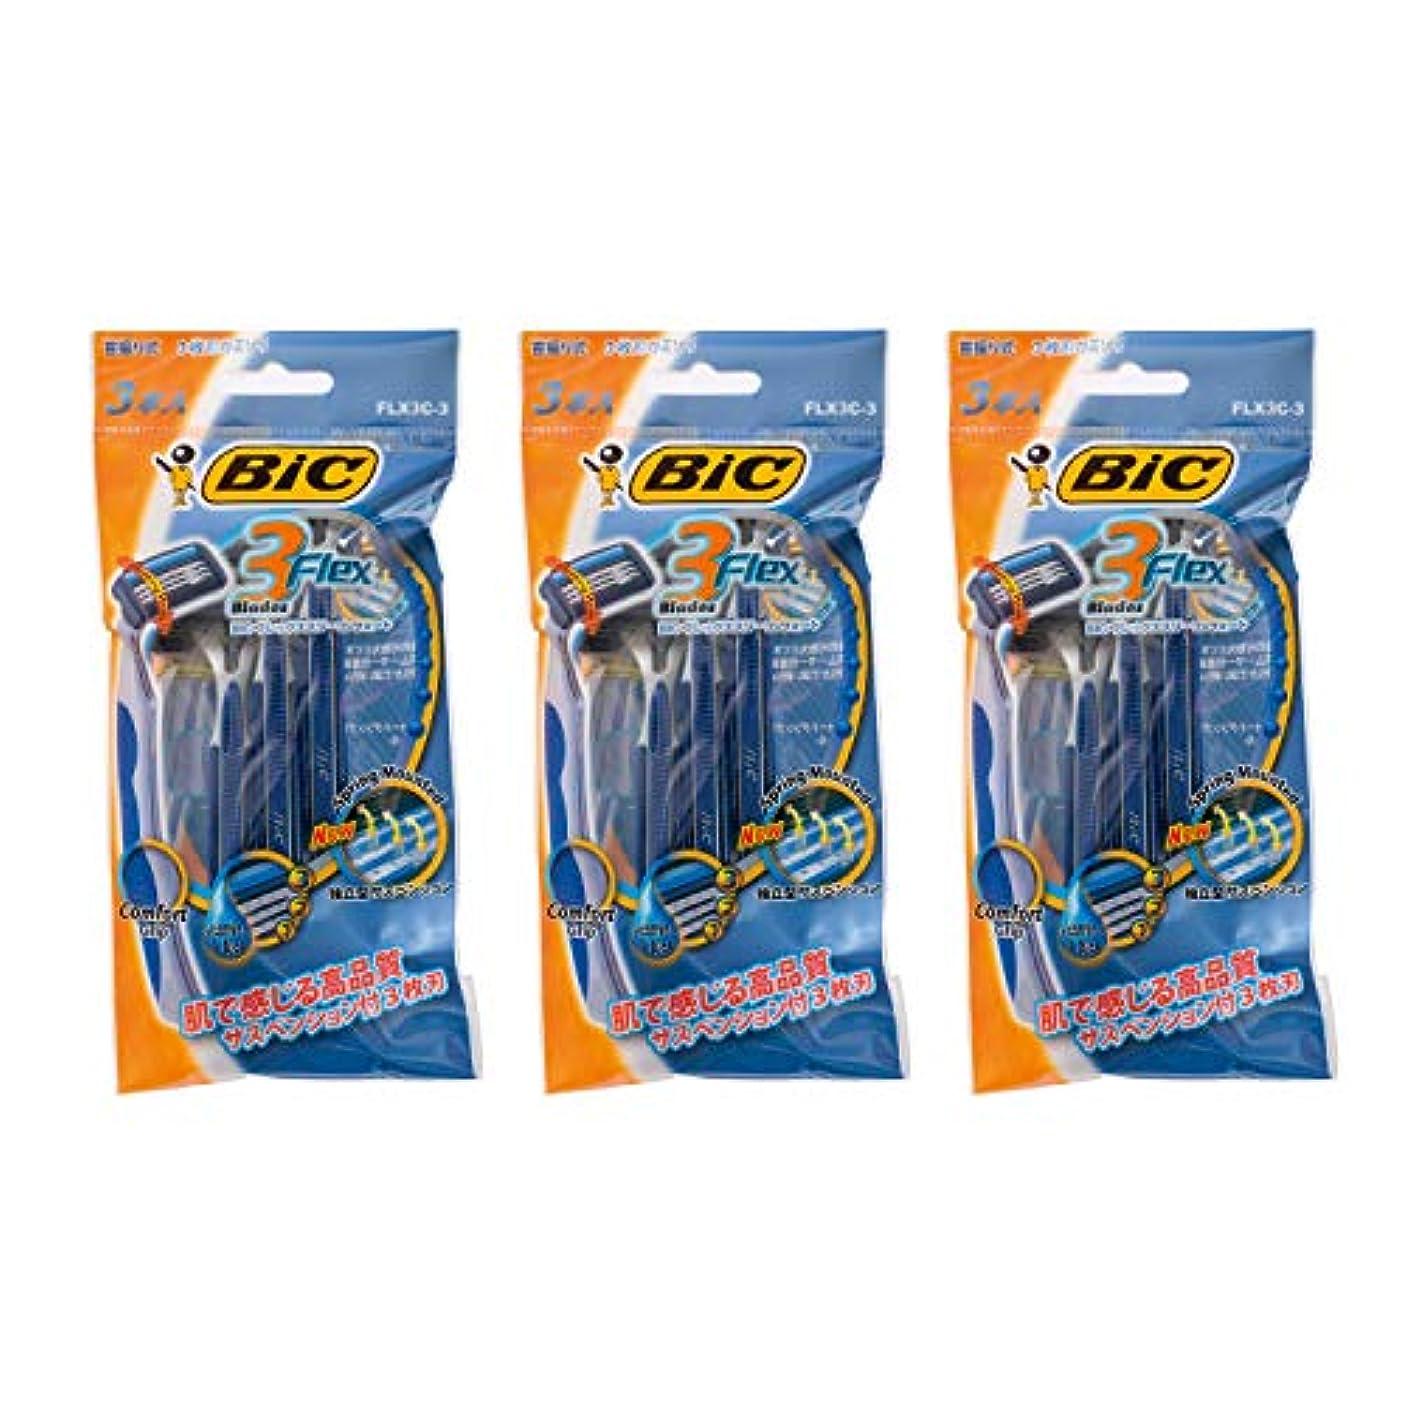 許されるコークスせせらぎビック BIC フレックス3 コンフォート3本入 x 3パック(9本) FLEX3 3枚刃 使い捨てカミソリ 首振り サスペンション ディスポ